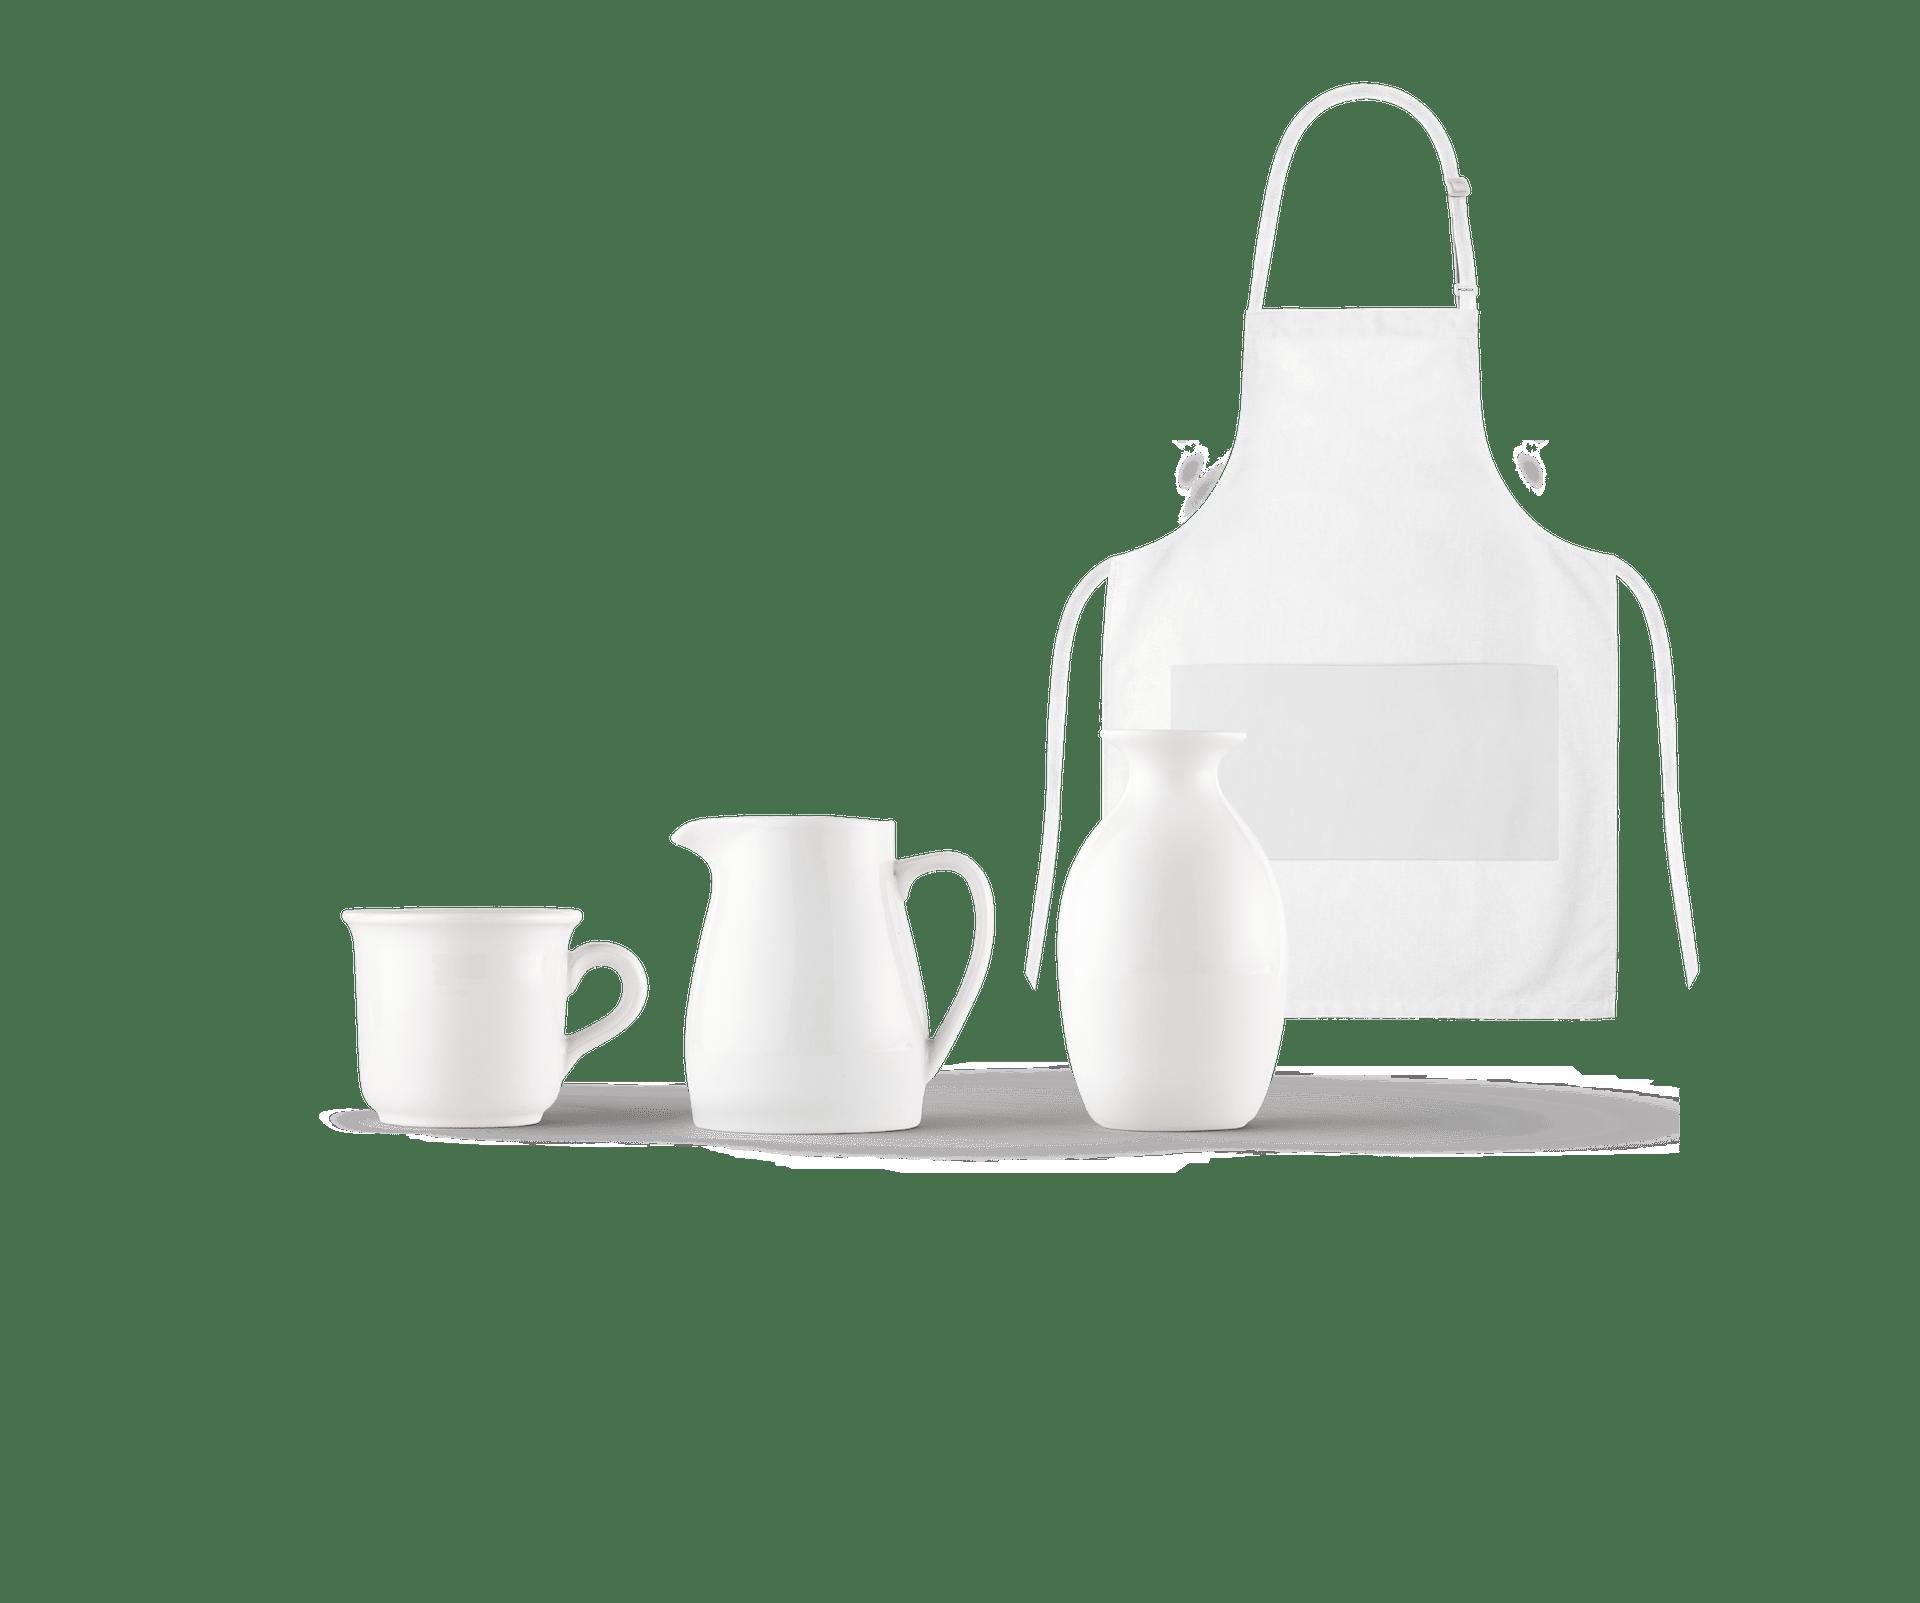 minuteman Leistungen - farbloses Bild - Gastronomie und Hotellerie - Bierdeckel, Süßwaren, Sektdosen, Speißekarten, Tassen